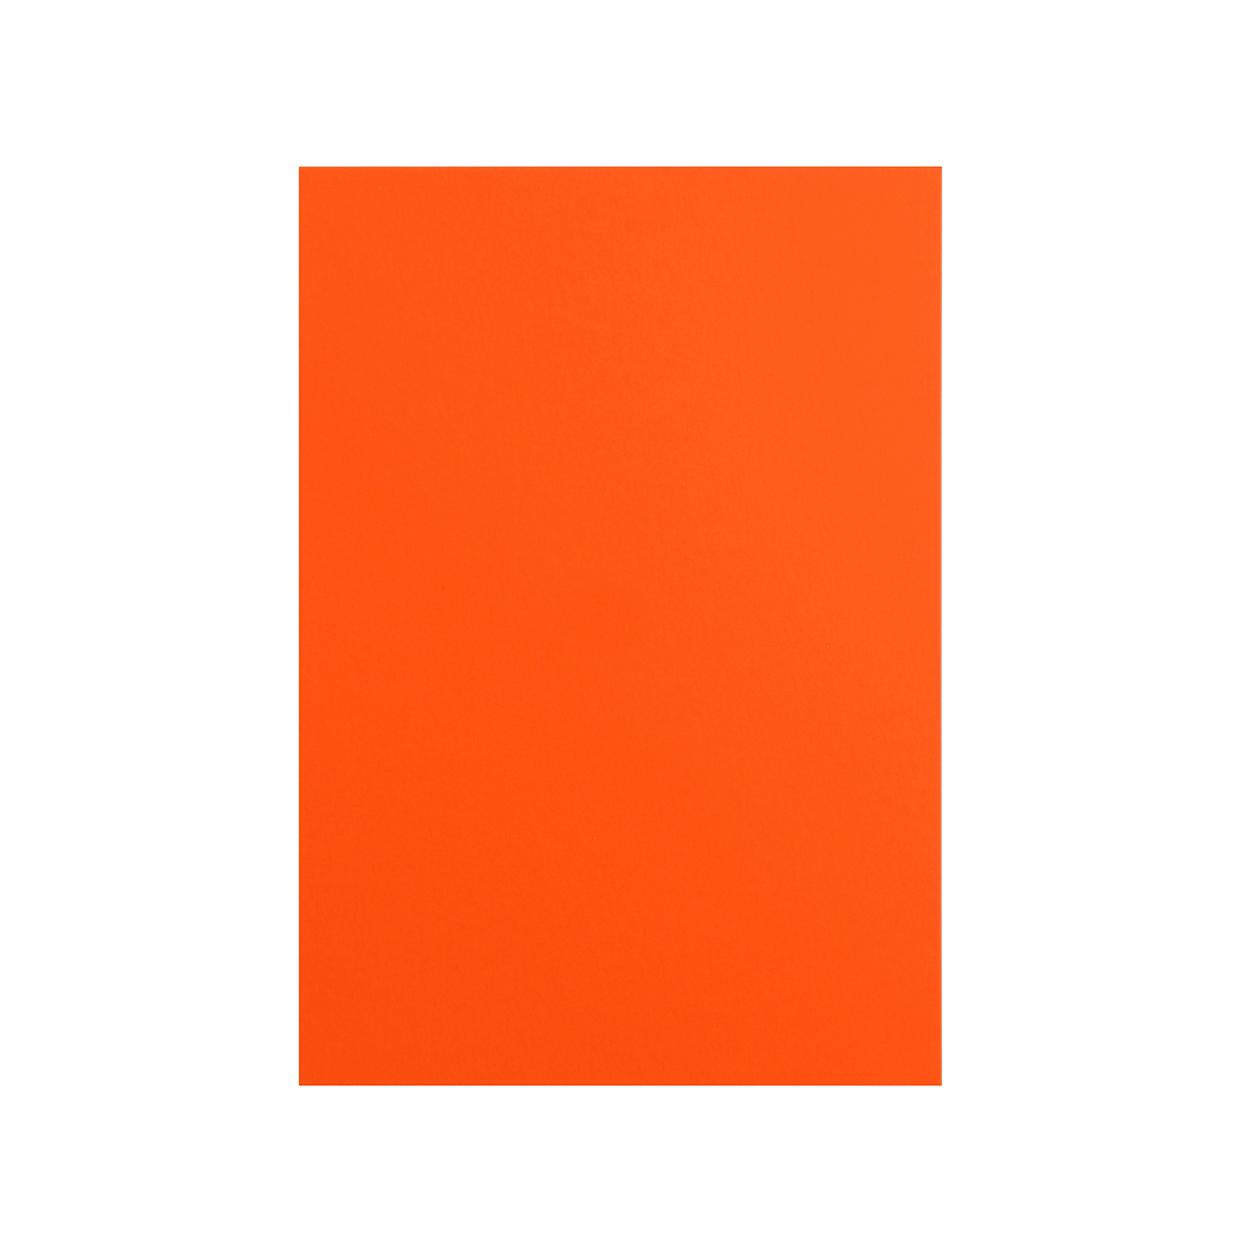 Pカード キュリアススキン オレンジ 270g